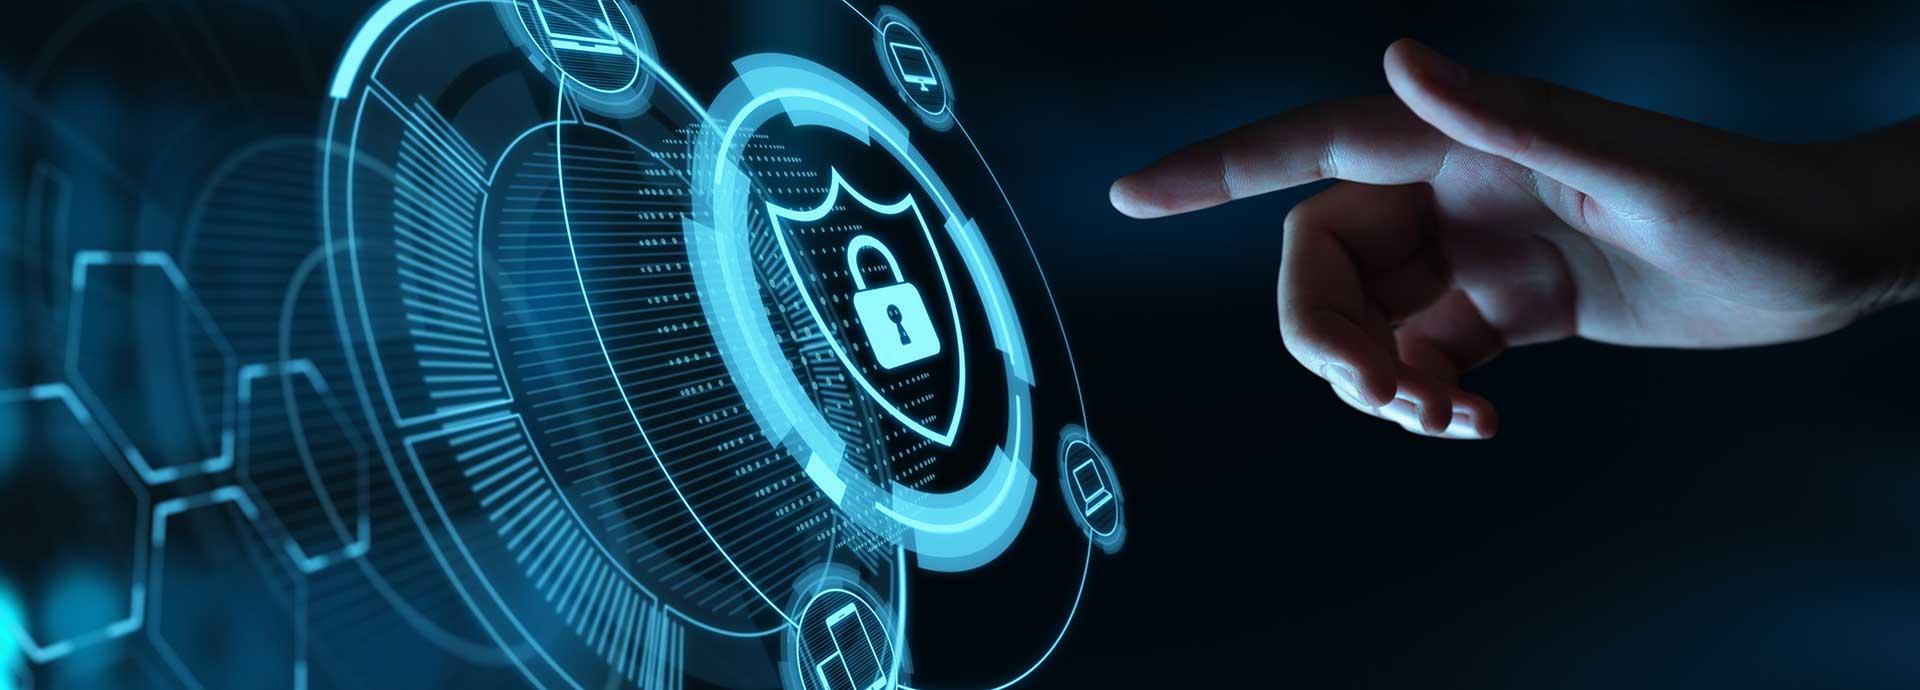 정보 보호는 동남아시아 기업들의 보안 우선순위